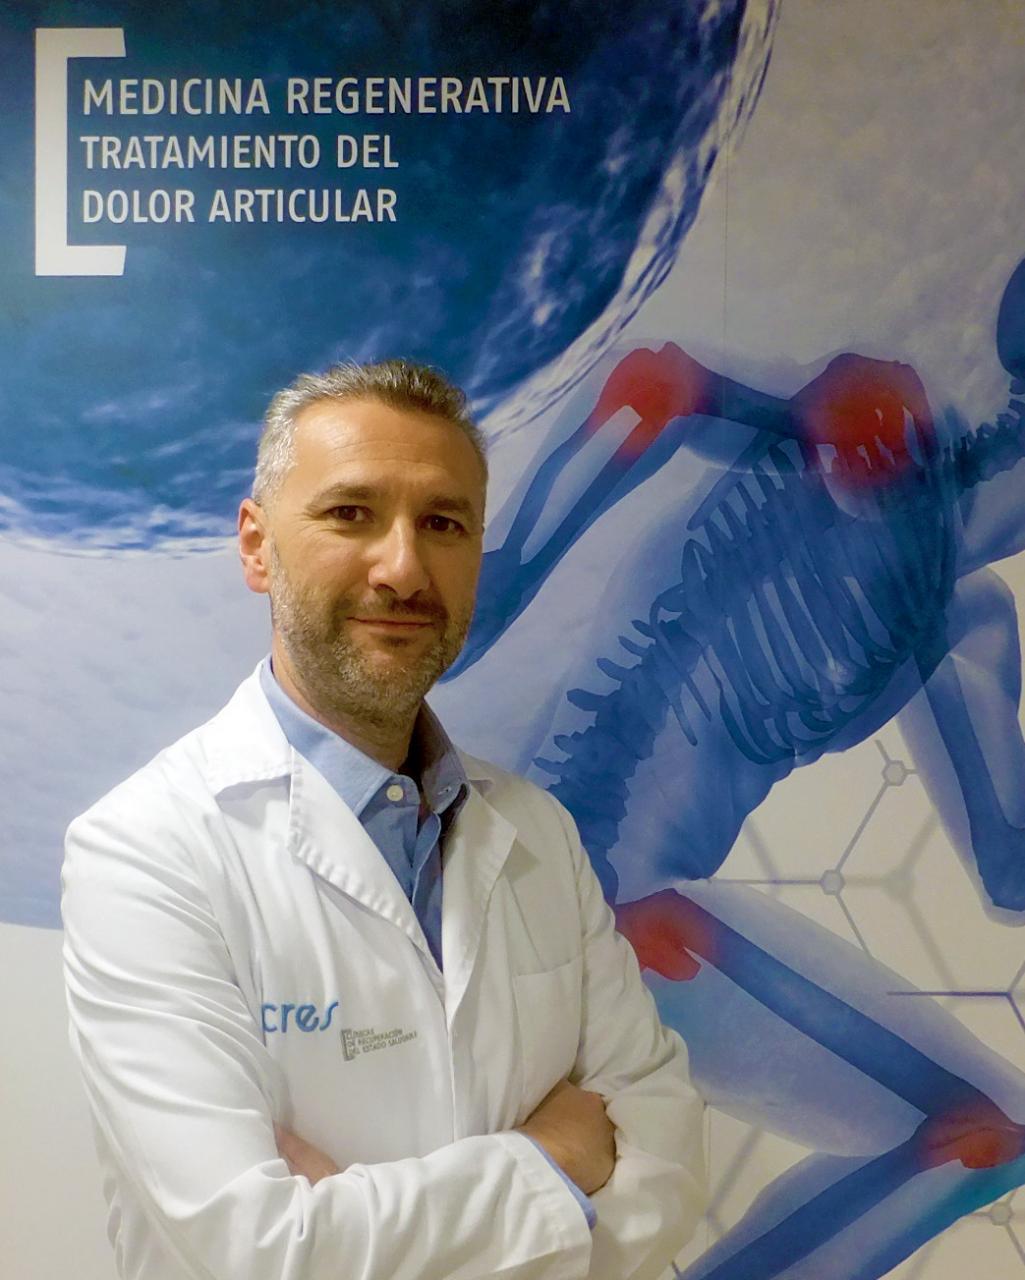 Dr. Carlos Jarabo - Clínicas Cres